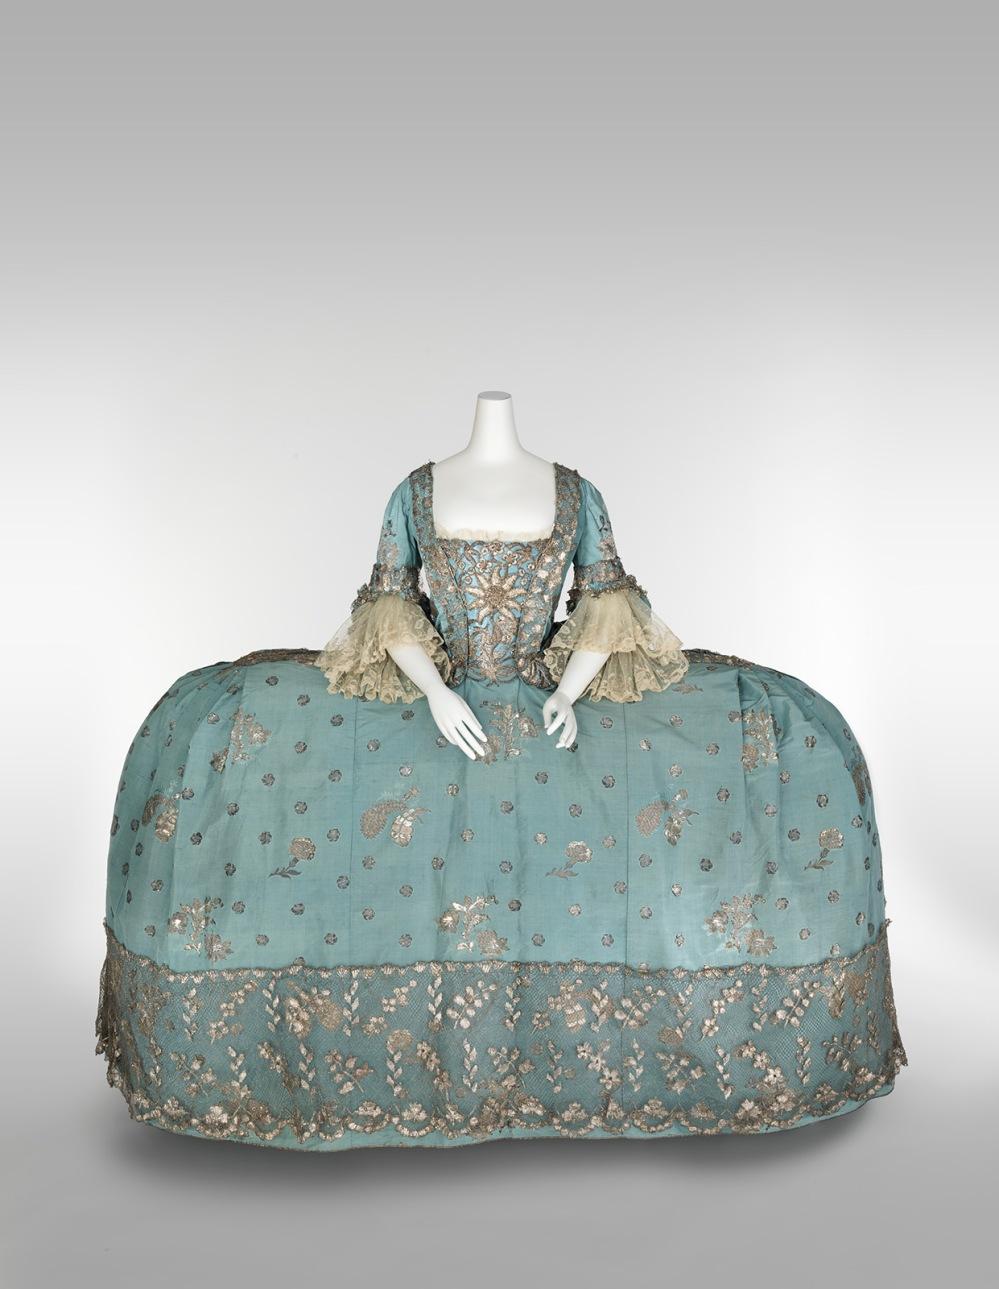 Vestido de corte. Reino Unido. Hacia 1750. Metropolitan Museum. Nueva York.